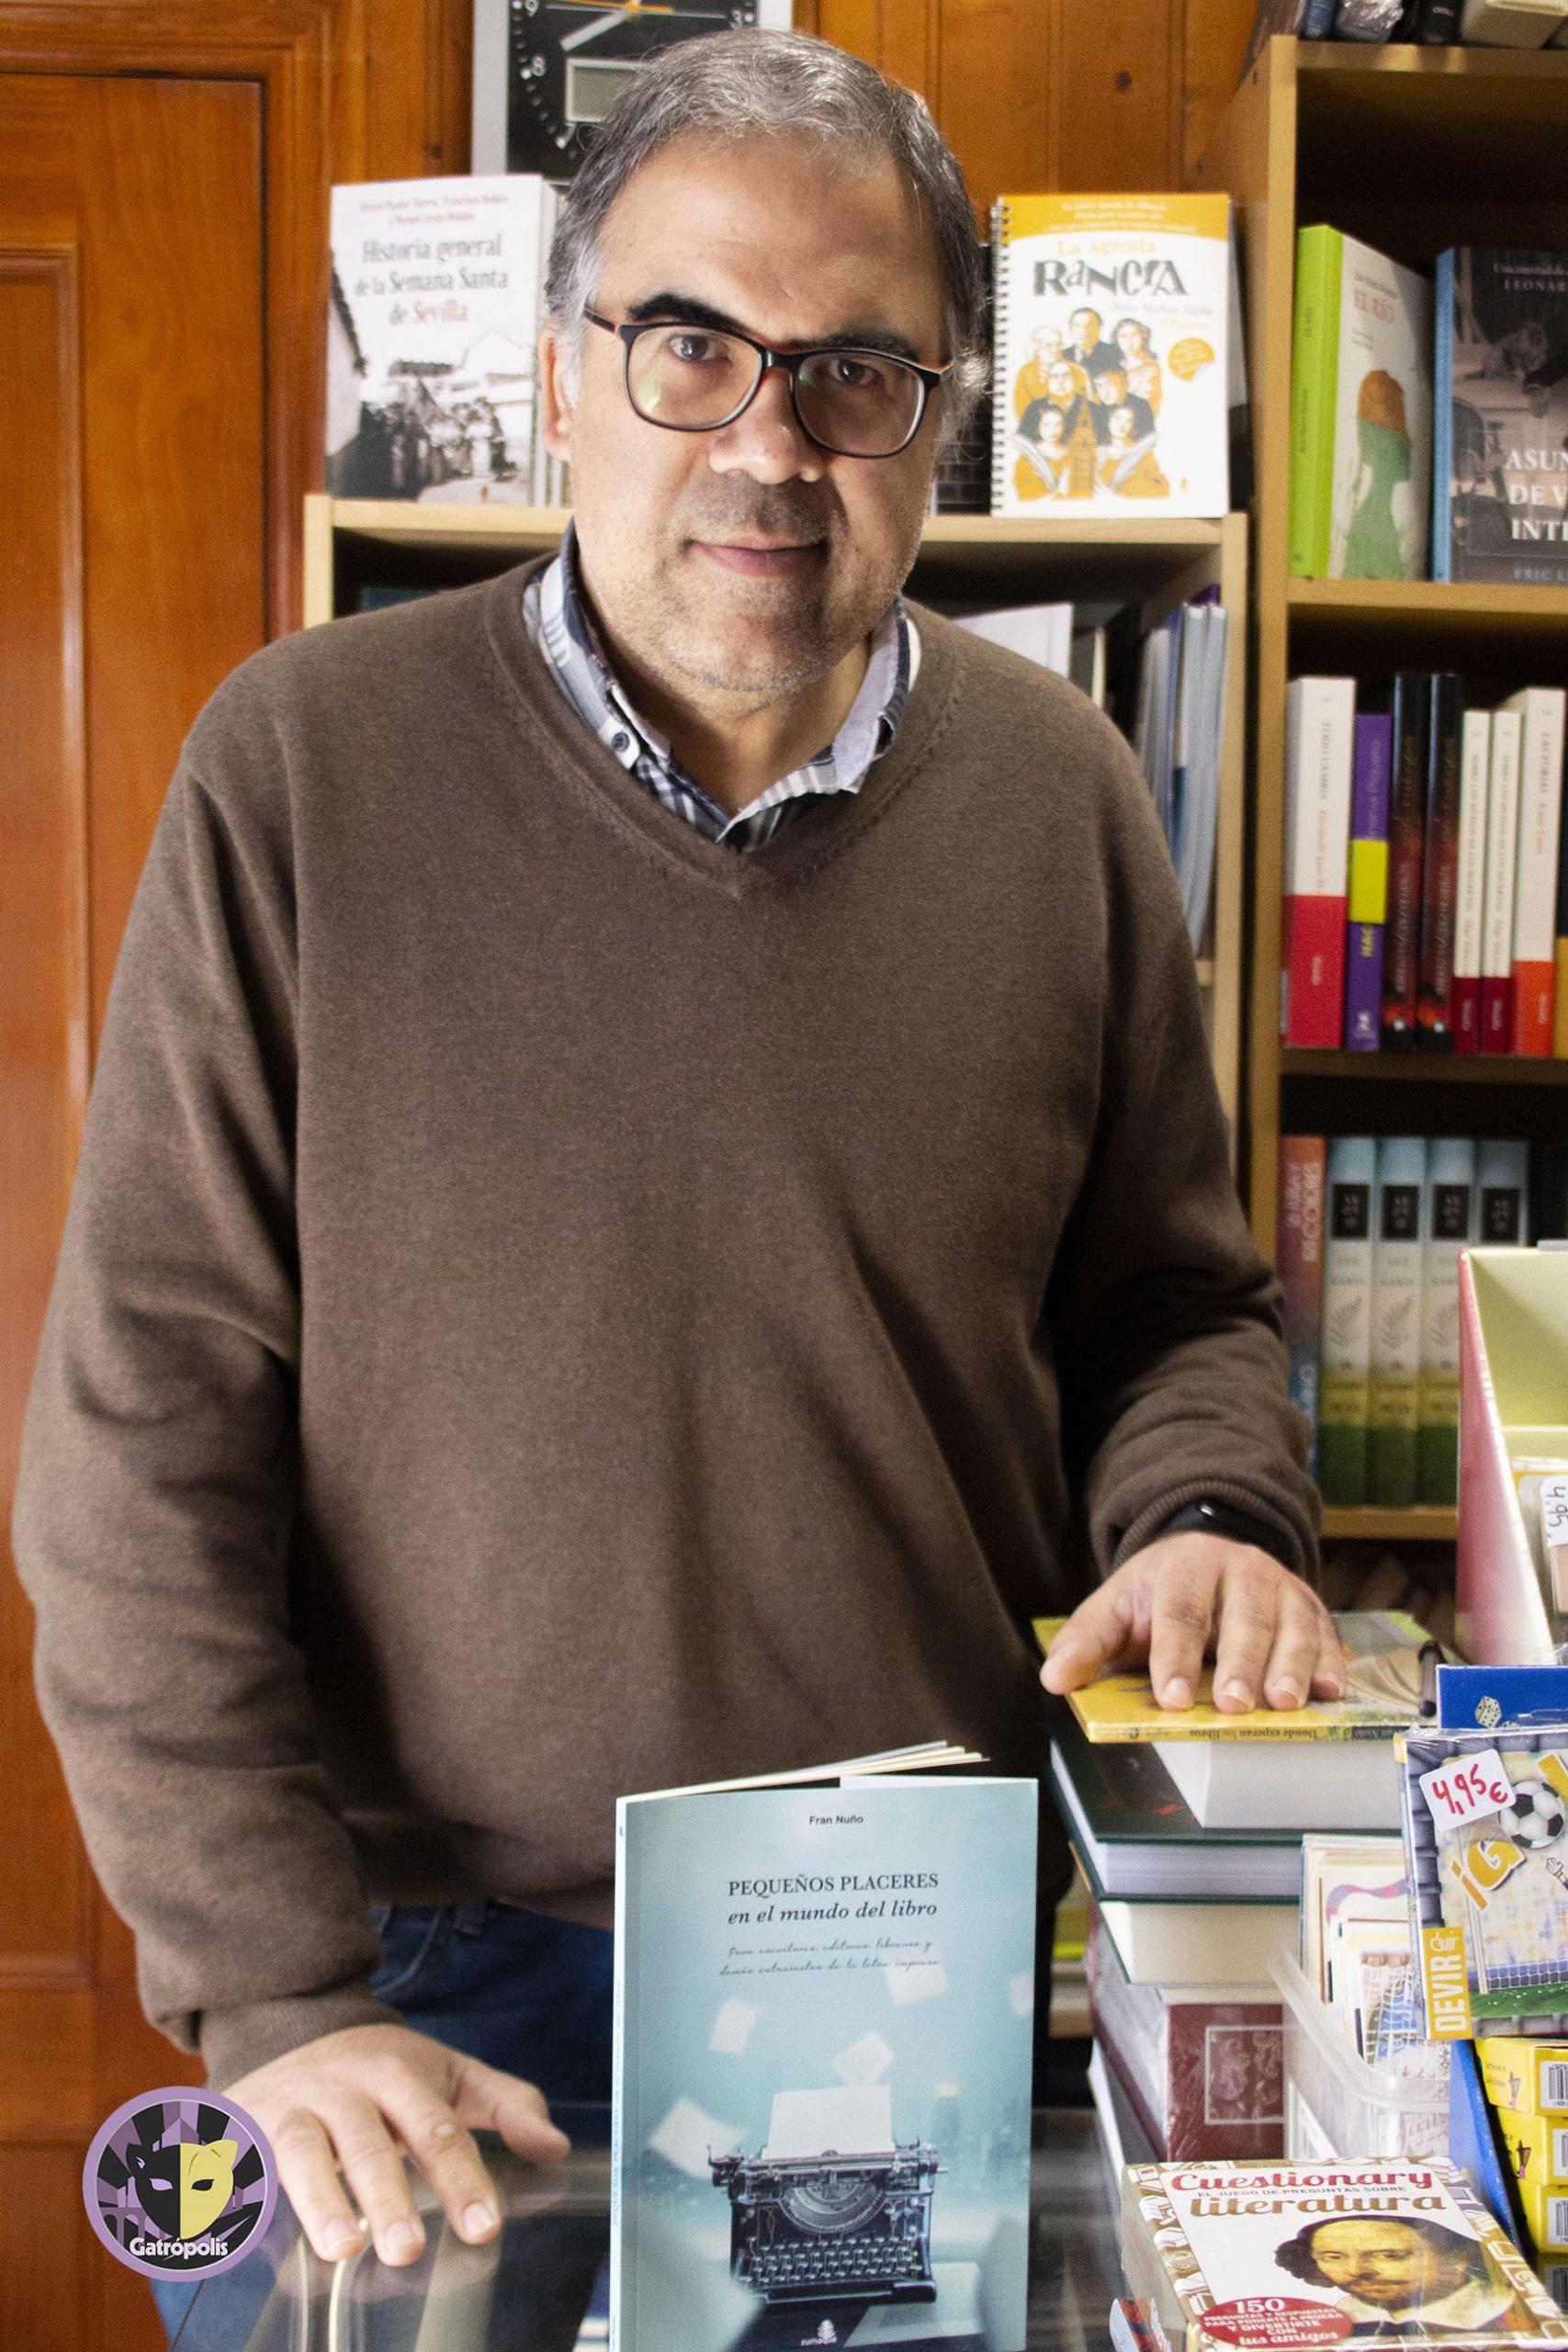 """Fran Nuño: """"Para mí el mundo del libro es un modo de vida"""""""